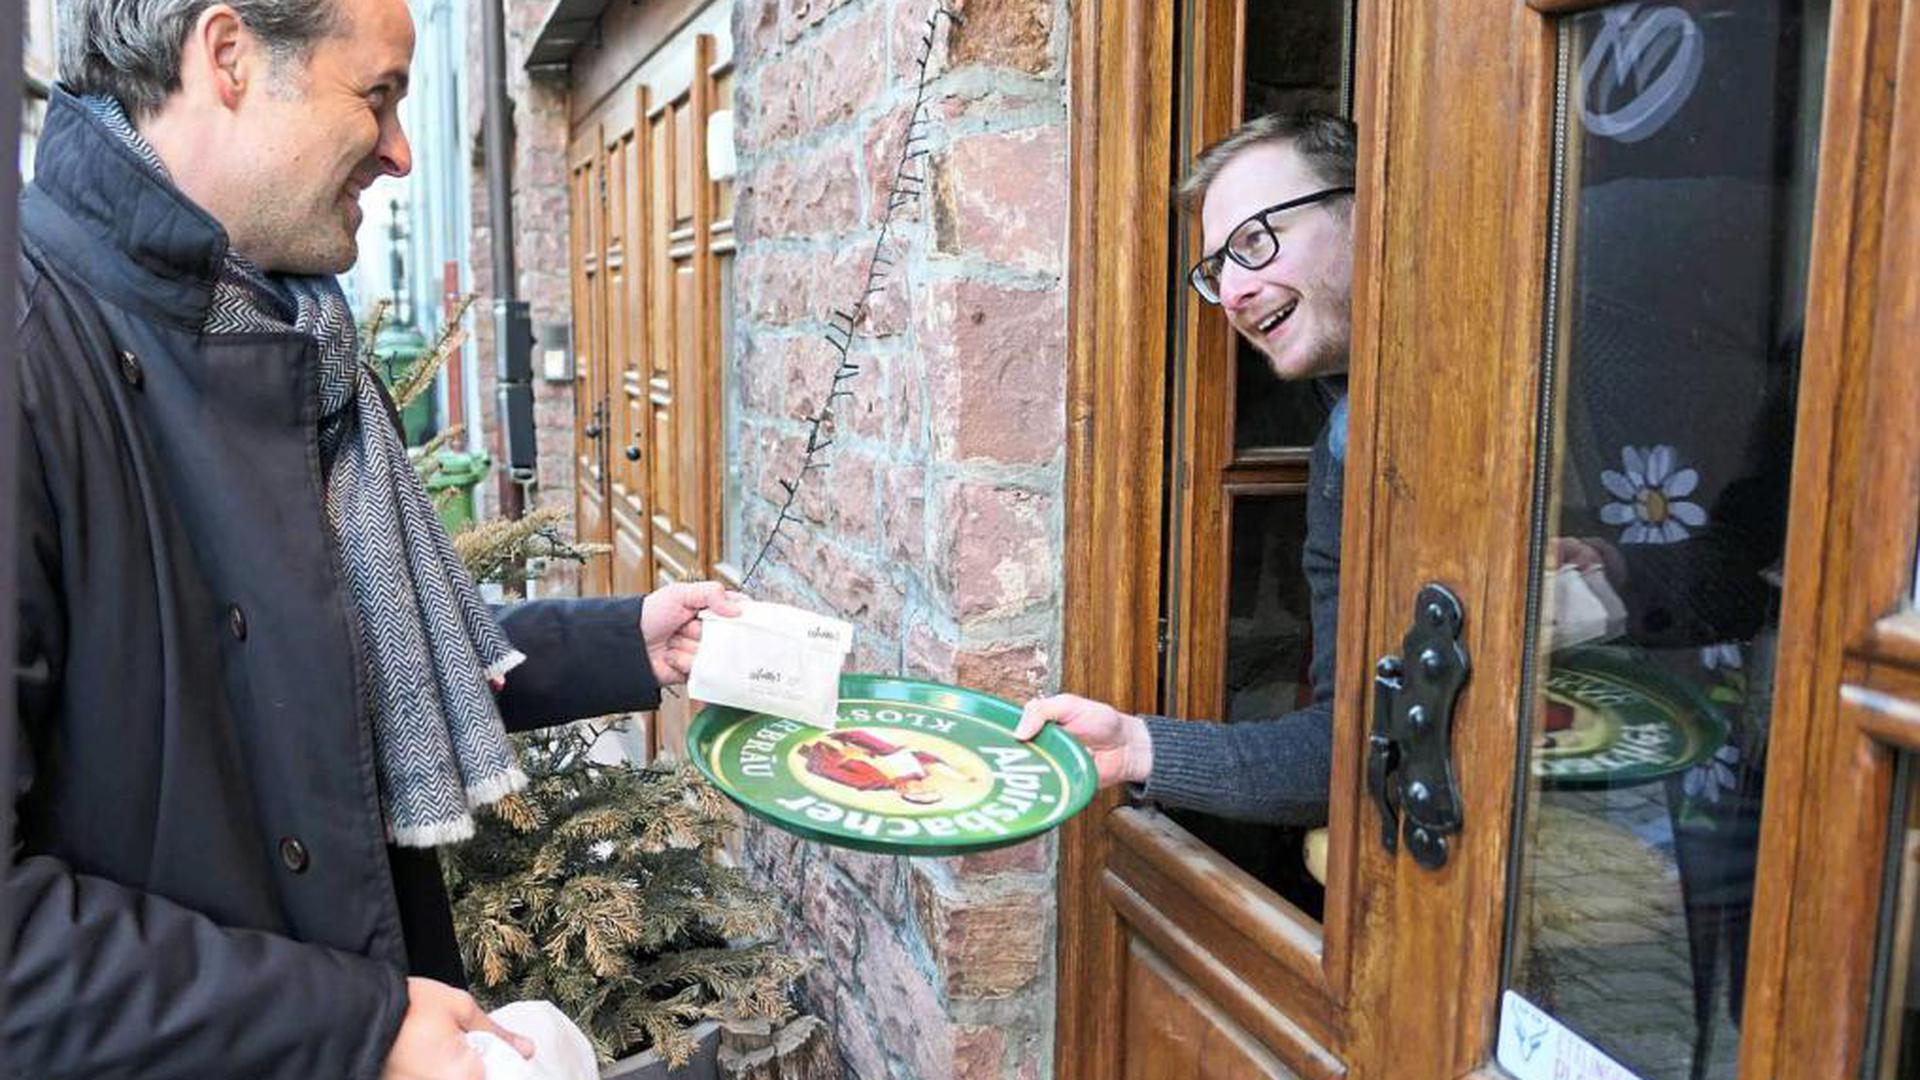 Patrick Seitz (links) von der Firma Aluplast nimmt seine bestellte Stulle entgegen in AnMa's Brasserie in Ettlingen entgegen.